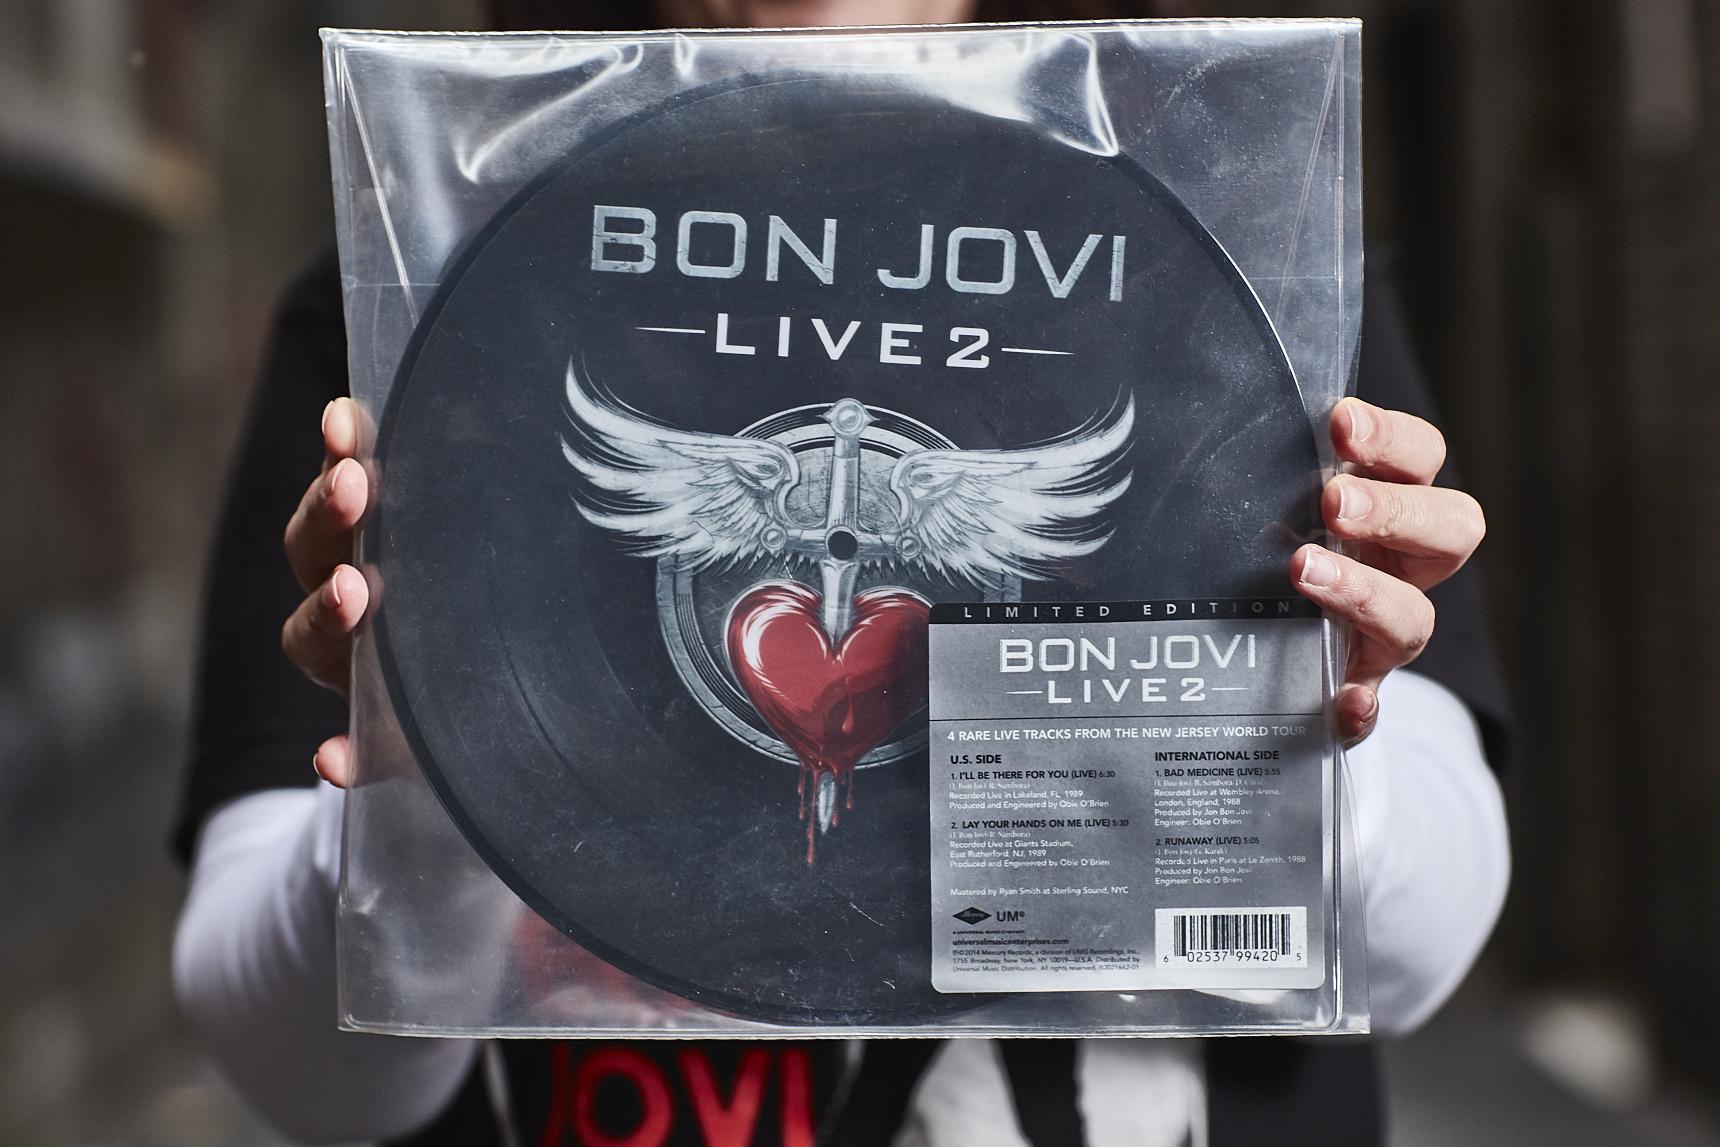 Meet Australia's Biggest Bon Jovi Fan - VICE